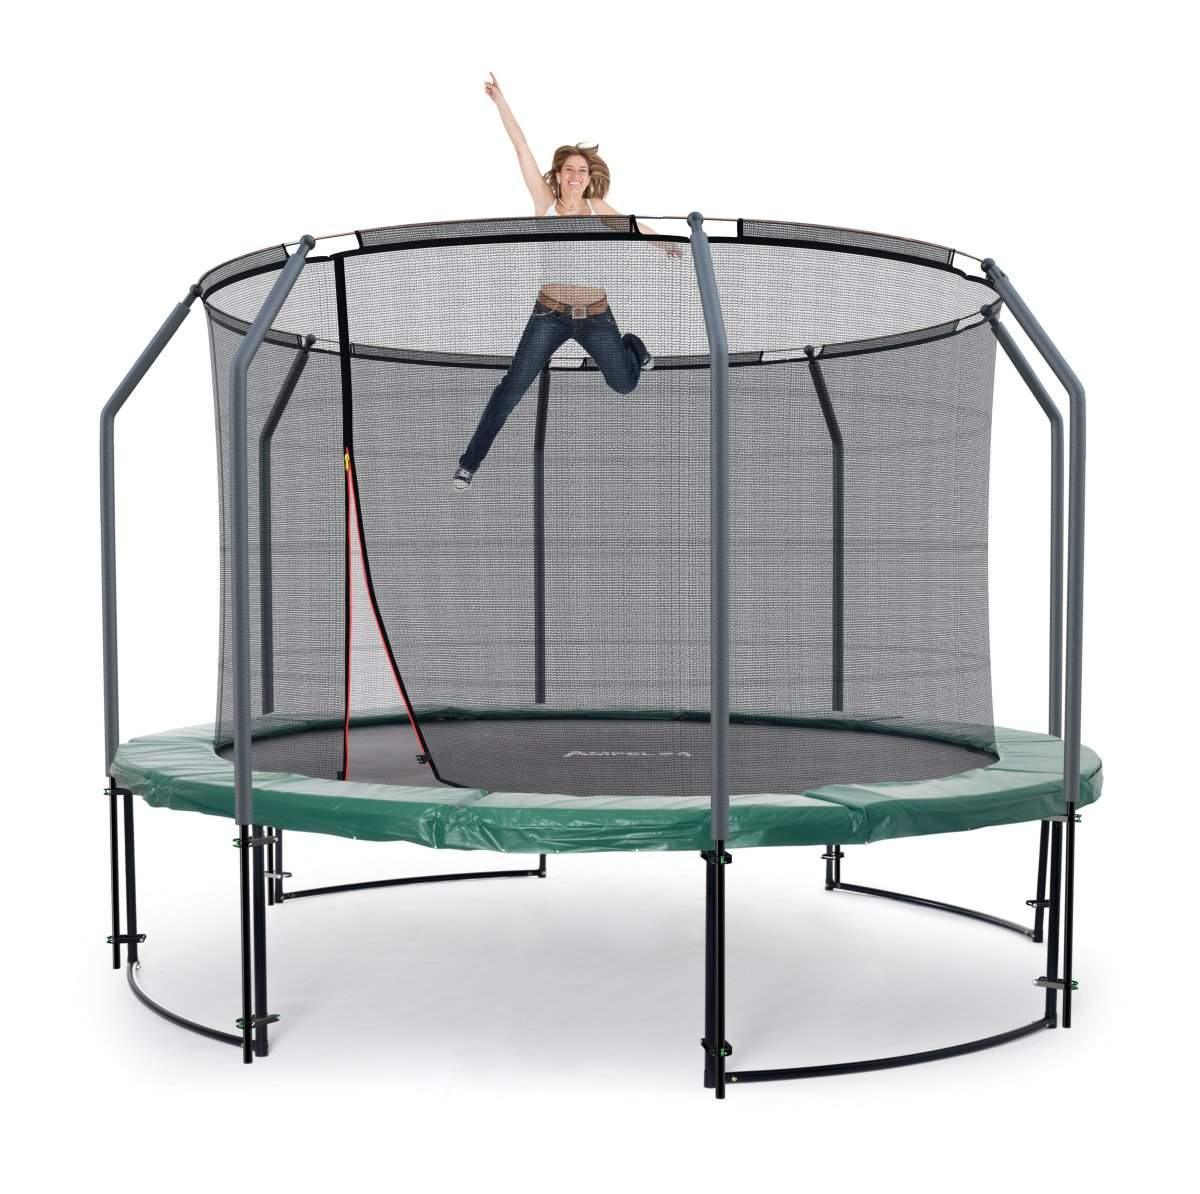 Deluxe Trampolin M Netz innen 305 cm bis 150 kg 1